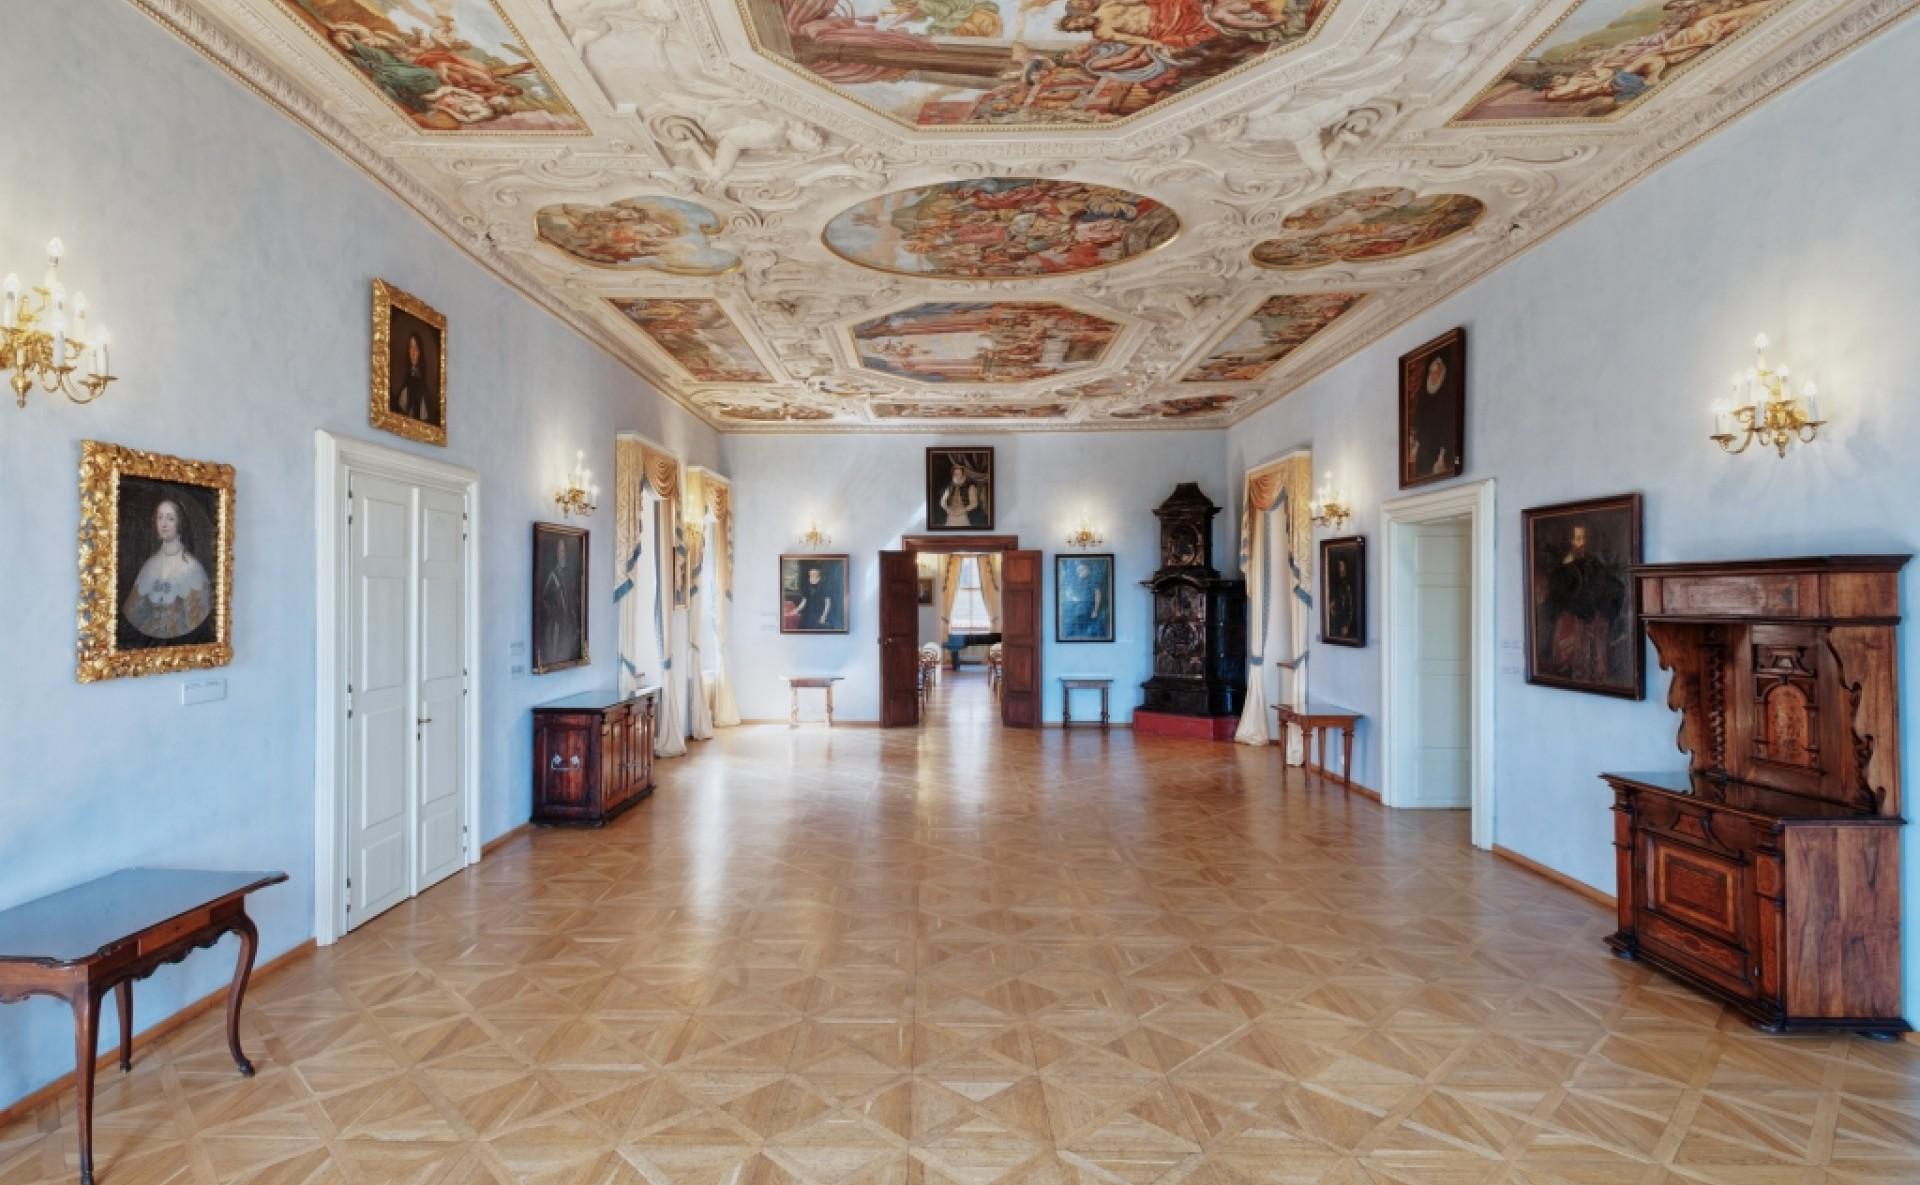 Pronájem historického sálu